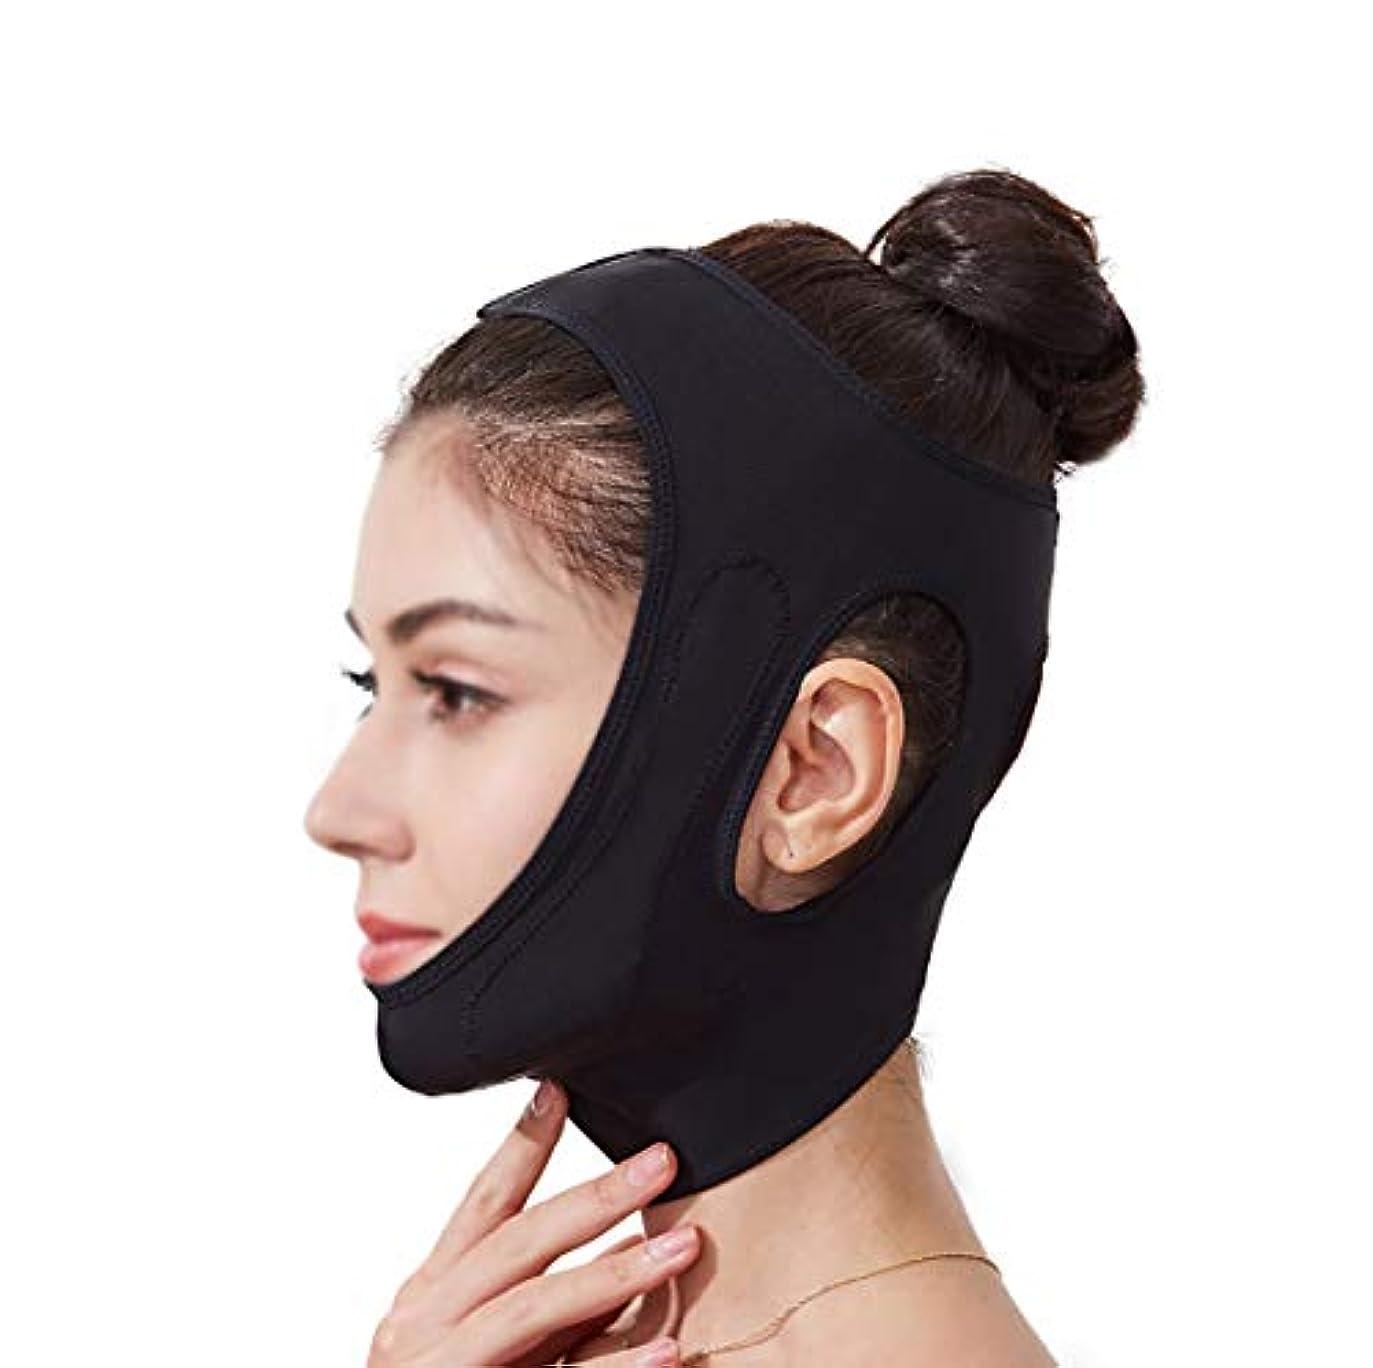 媒染剤効率的にかりてLJK フェイスリフティングマスク、360°オールラウンドリフティングフェイシャルコンター、あごを閉じて肌を引き締め、快適でフェイスライトと通気性をサポート (Color : Black)